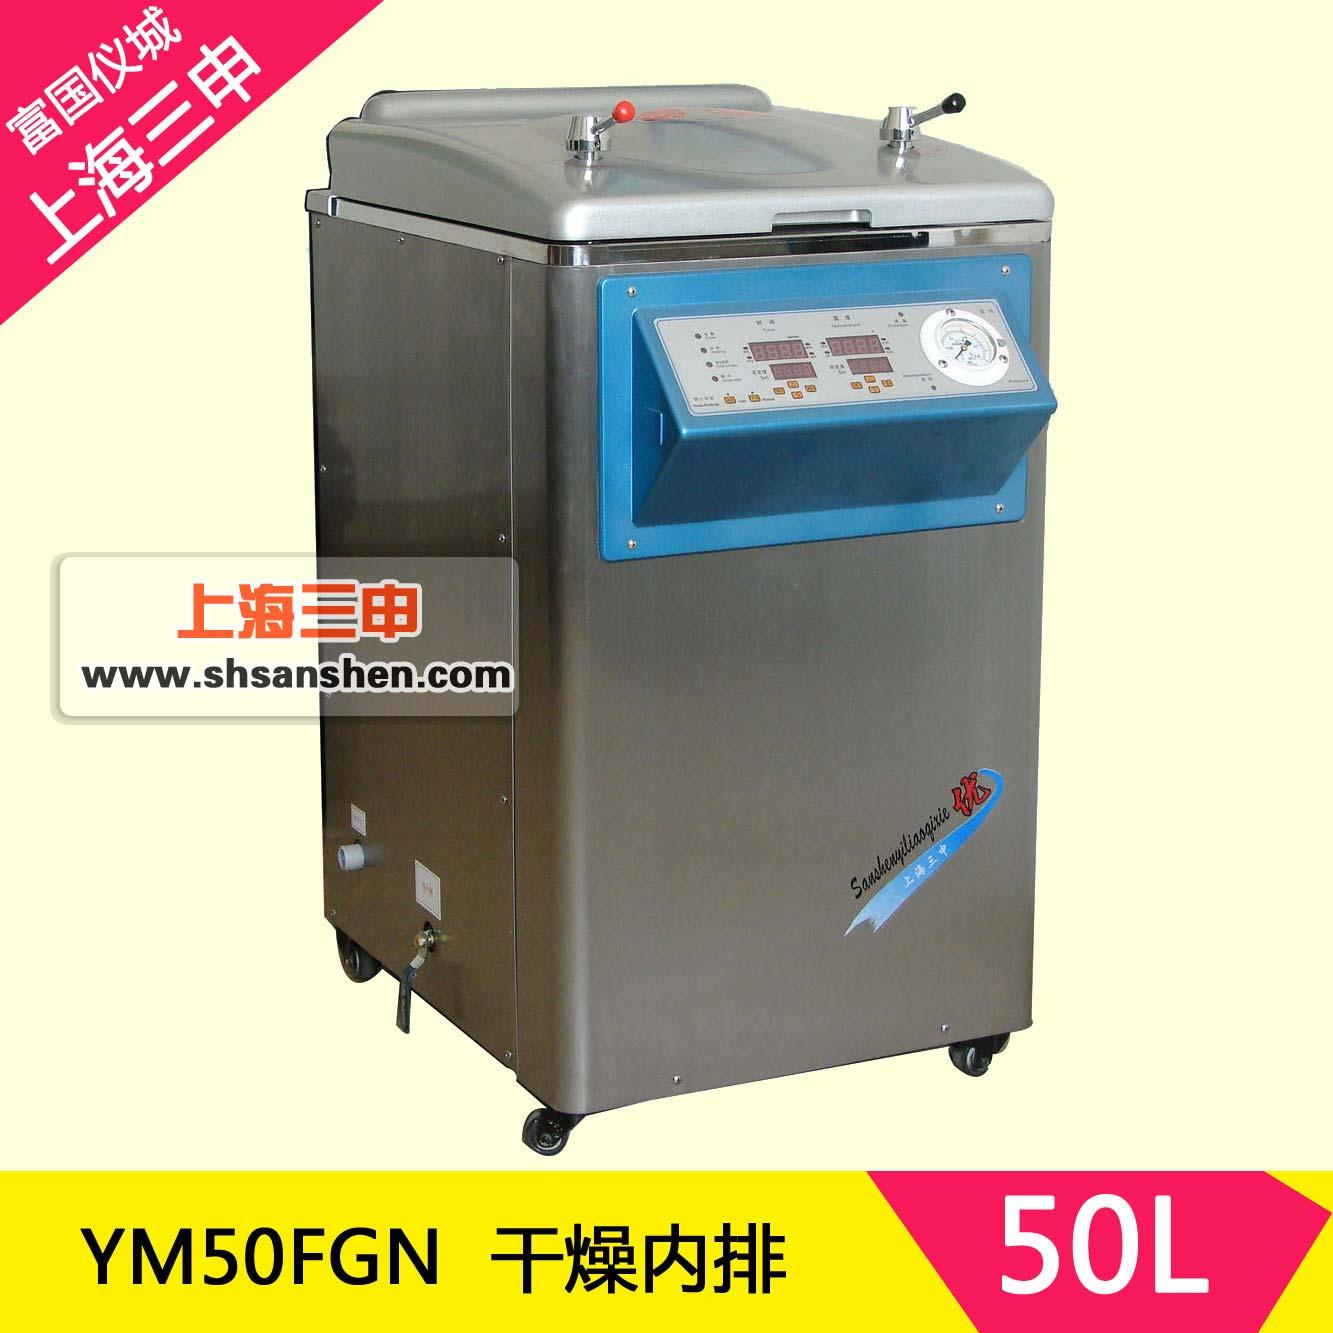 上海三申不锈钢立式电热蒸汽xx色综合YM50FGN(干燥内排)50L